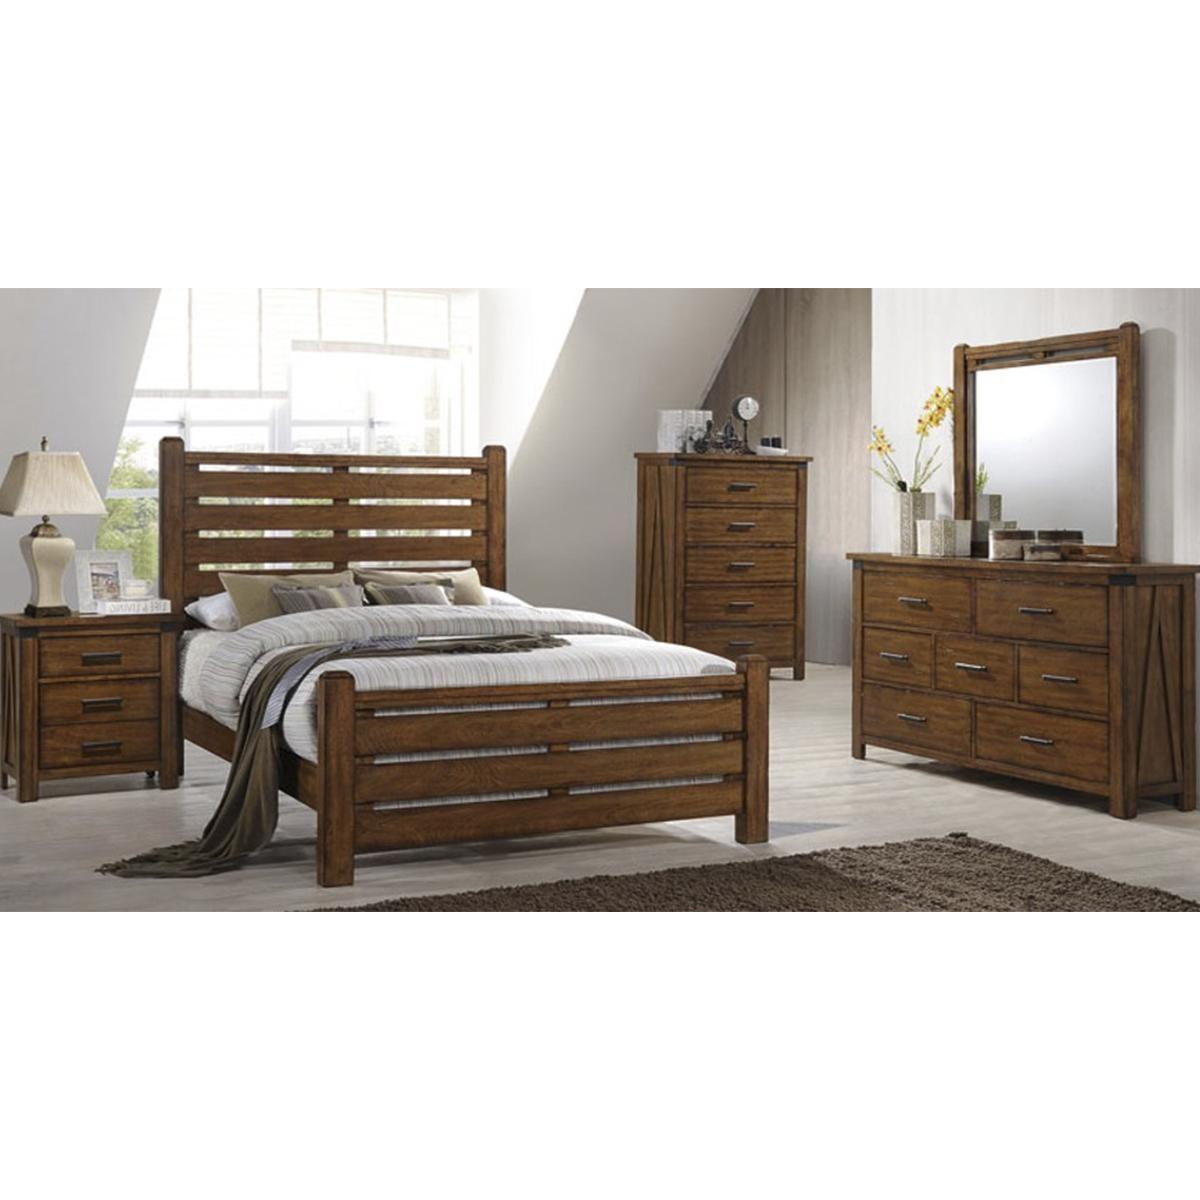 Simmons Upholstery Logan 4 Piece Queen Bedroom Set In Barley